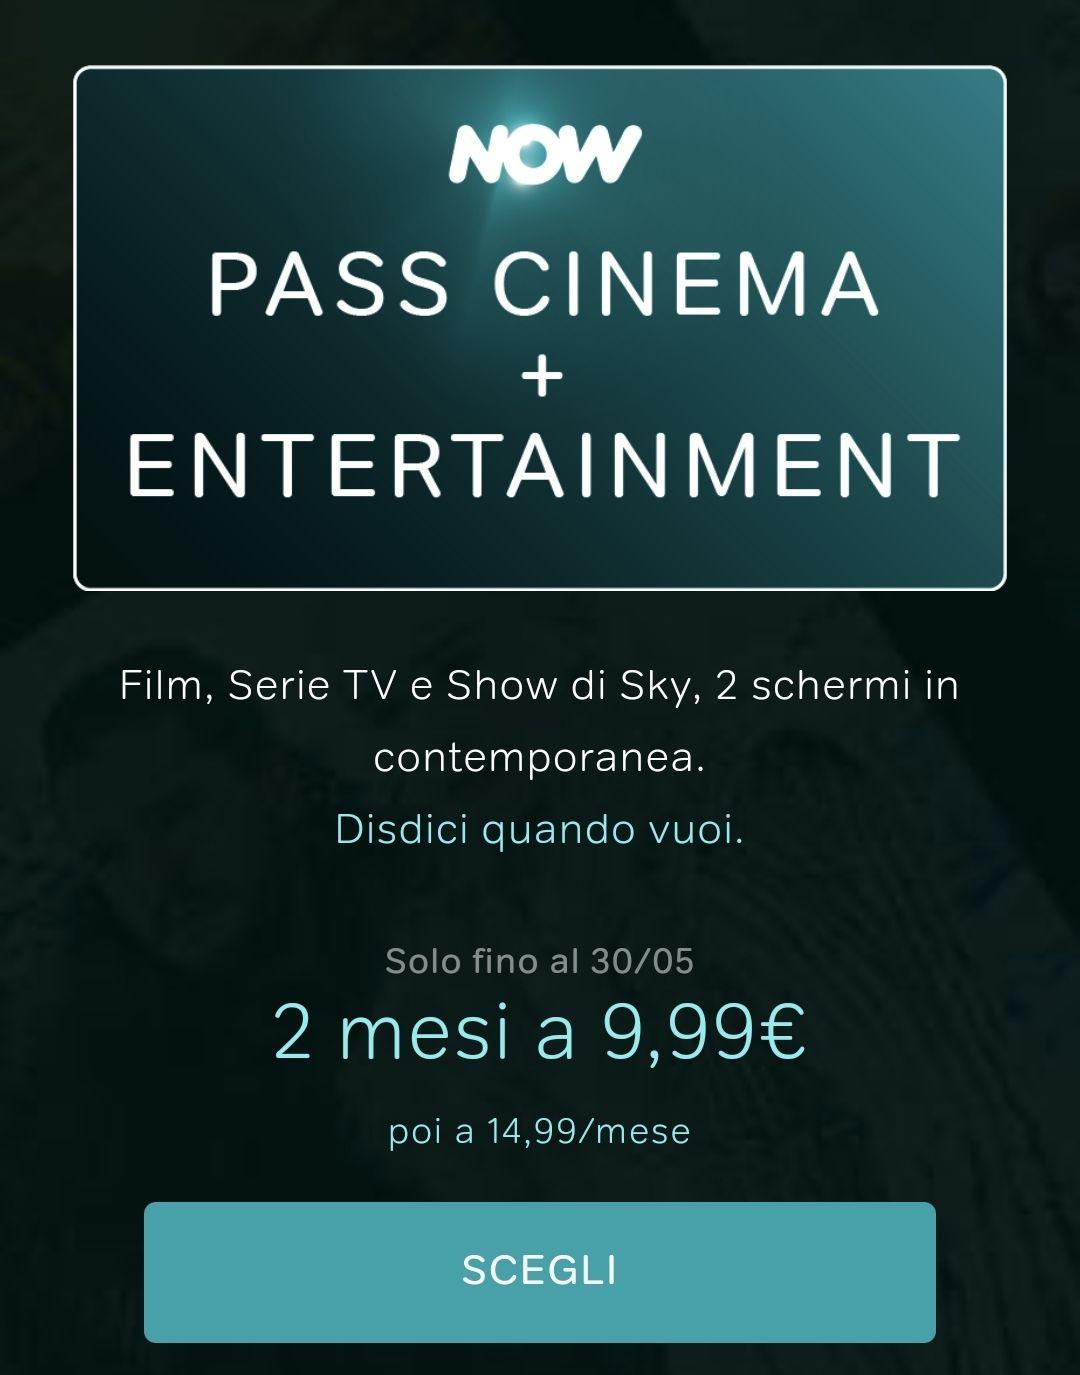 Now TV 2 mesi cinema+ Entertainment